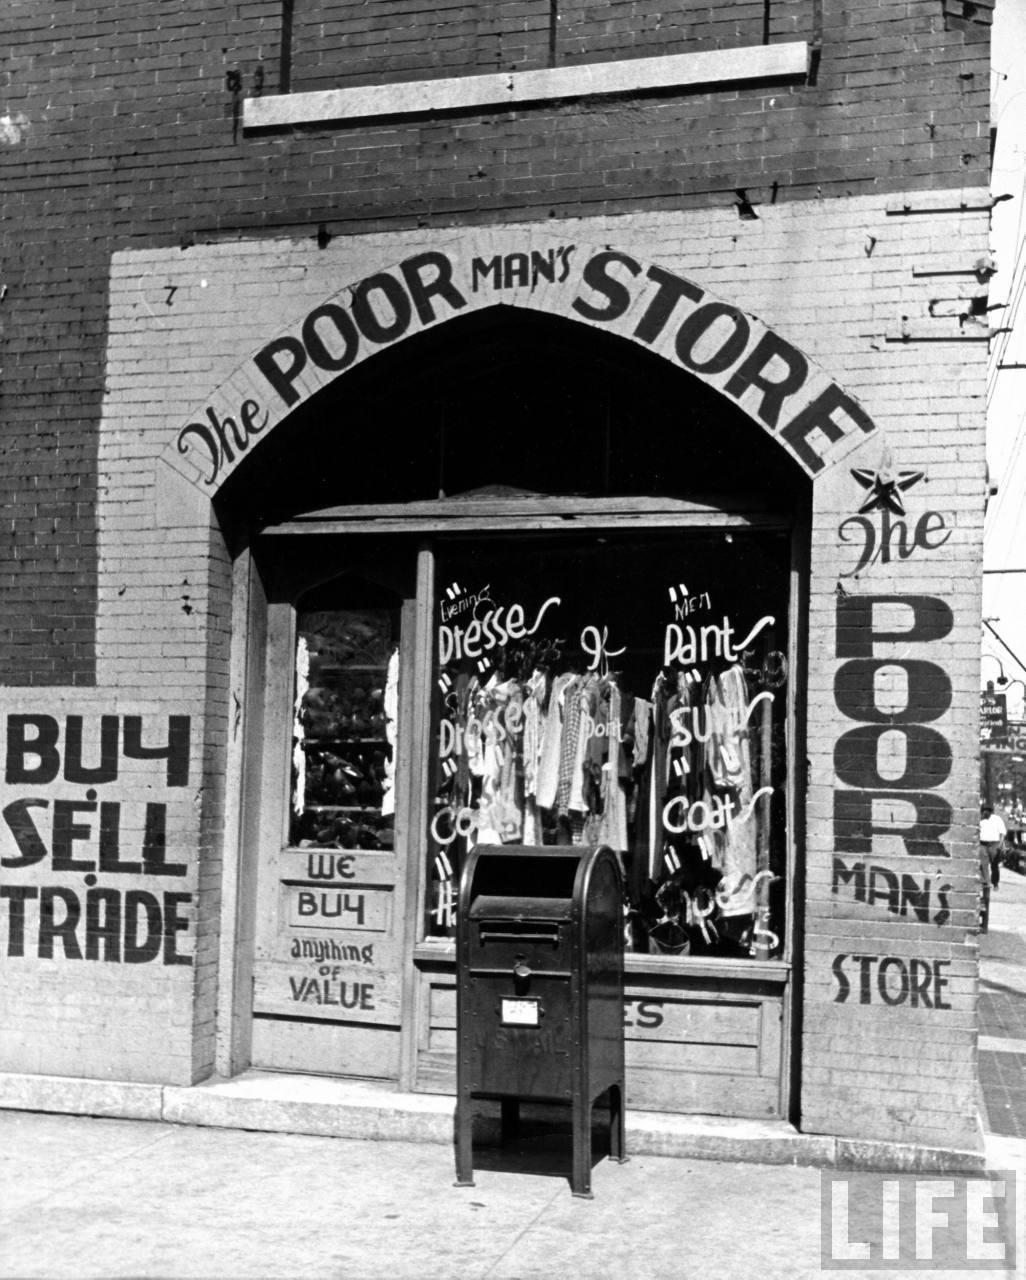 Vintage Beale Street Poor store